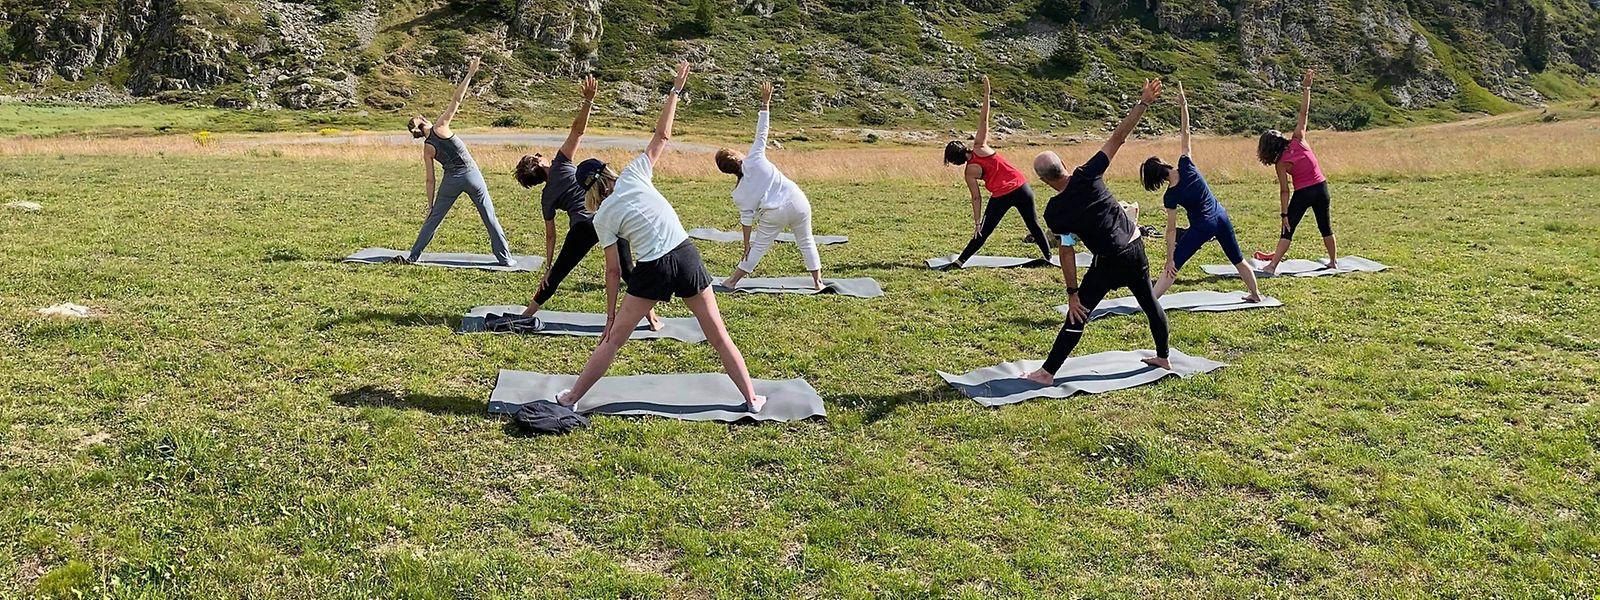 Yoga im Urlaub? Kein Problem! Das gibt's unter anderem in den Yoga Schools mit Übungen von Heberson Oliveira in den Club-Med-Resorts Cefalù (Italien), Alpe d'Huez (Frankreich), La Plantation d'Albion (Mauritius), Kemer (Türkei) und Les Arcs Panorama (Frankreich).